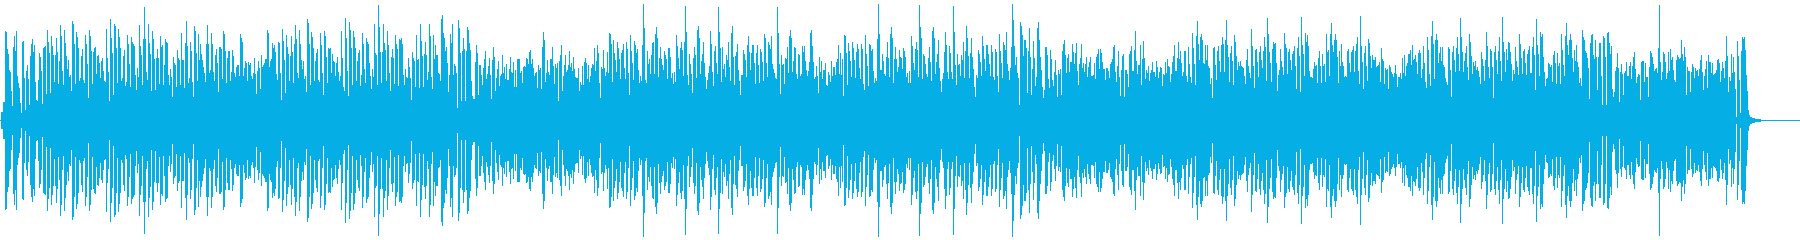 テンポ速めの「きらきら星」の再生済みの波形